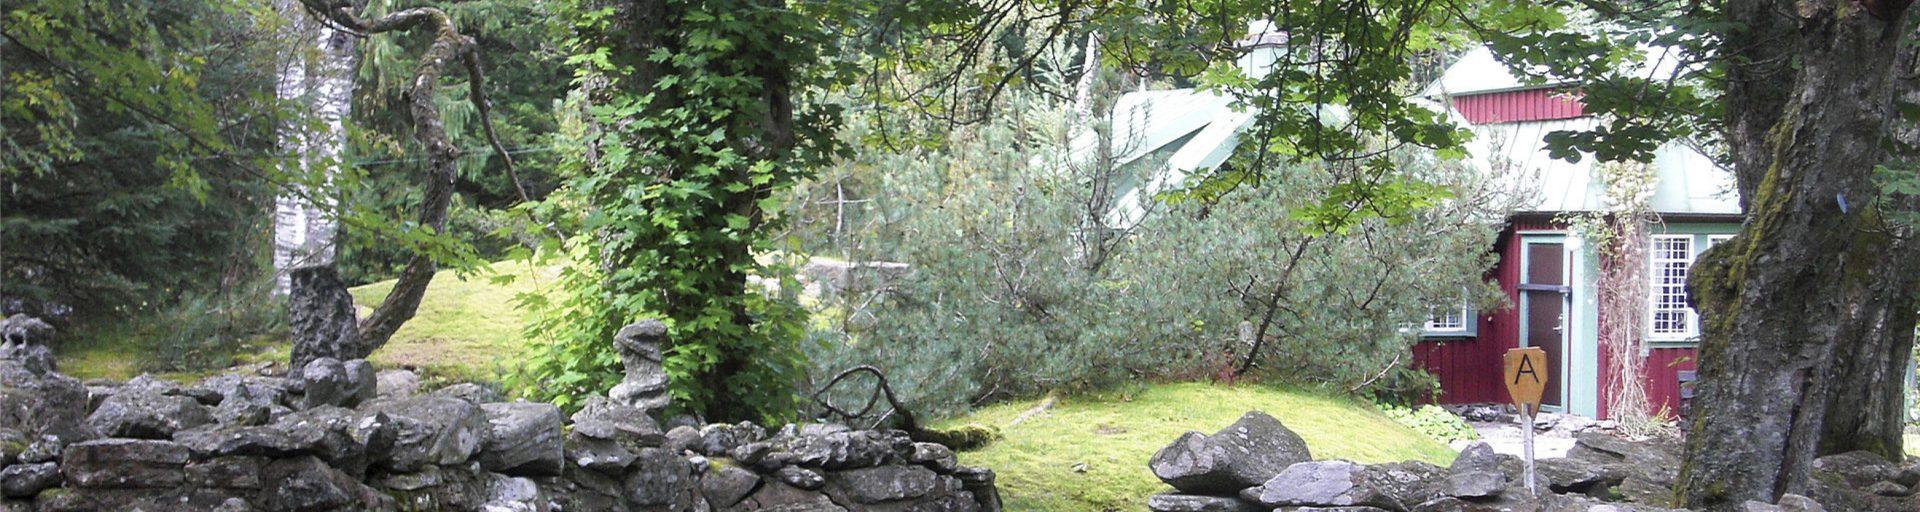 Titelbild_Blog_def_Alphems_arboretum